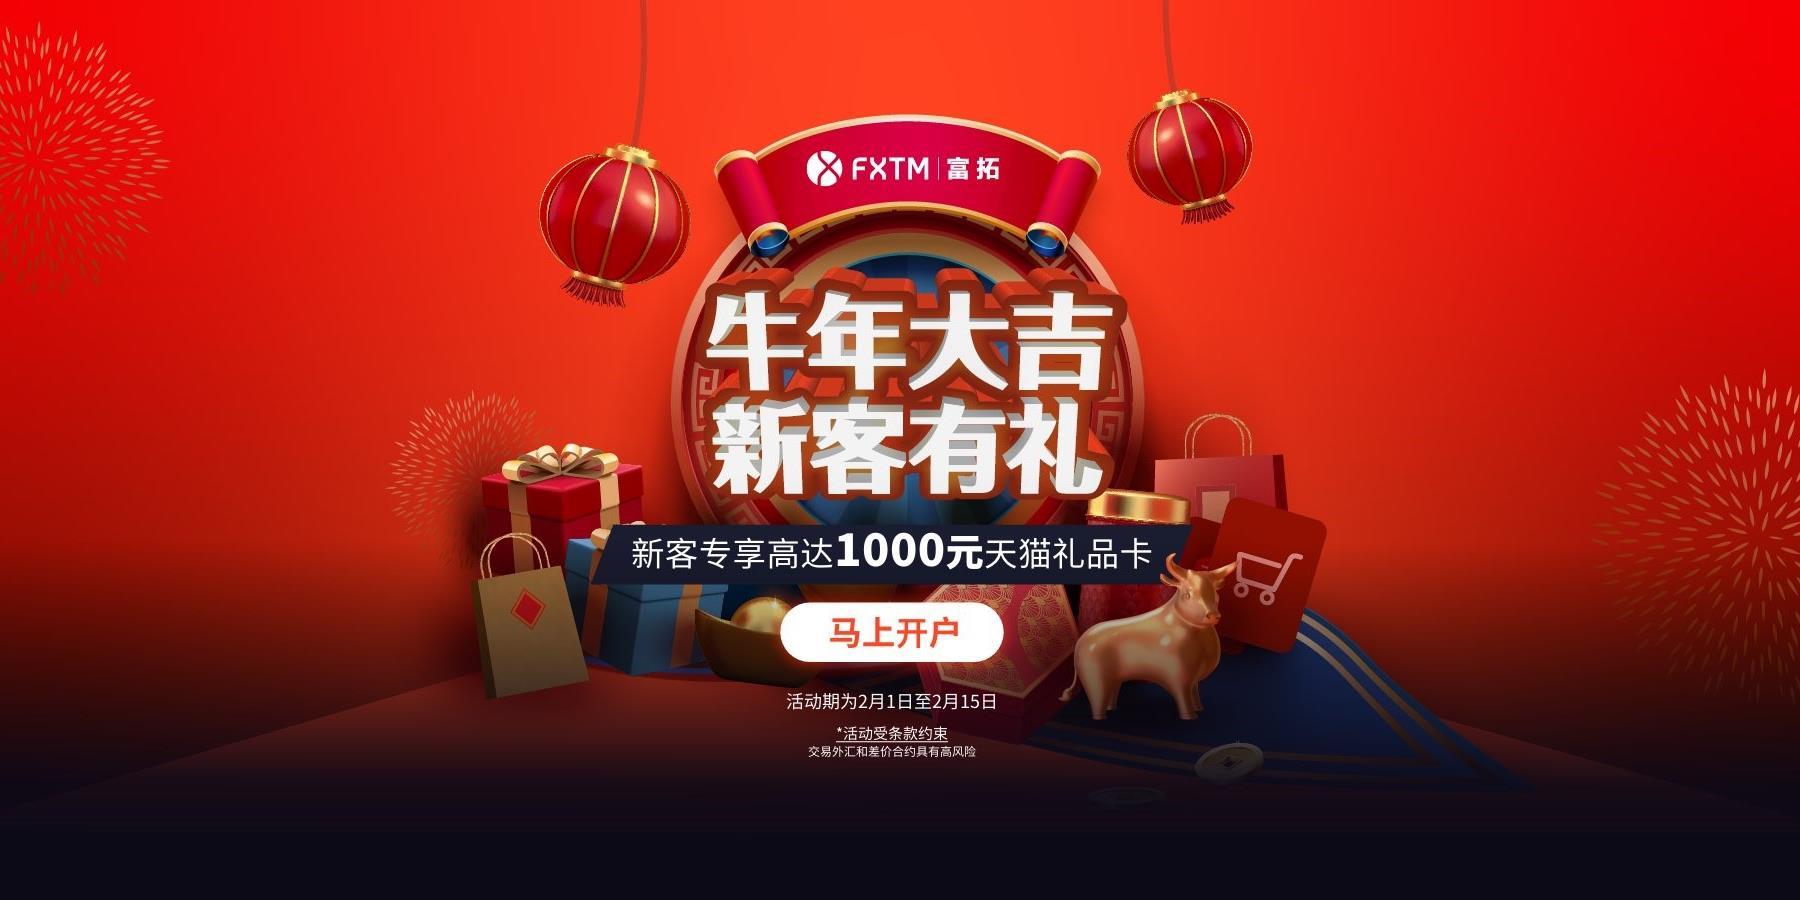 【重磅来袭】新年好礼,FXTM富拓送您高达1000元天猫礼品卡